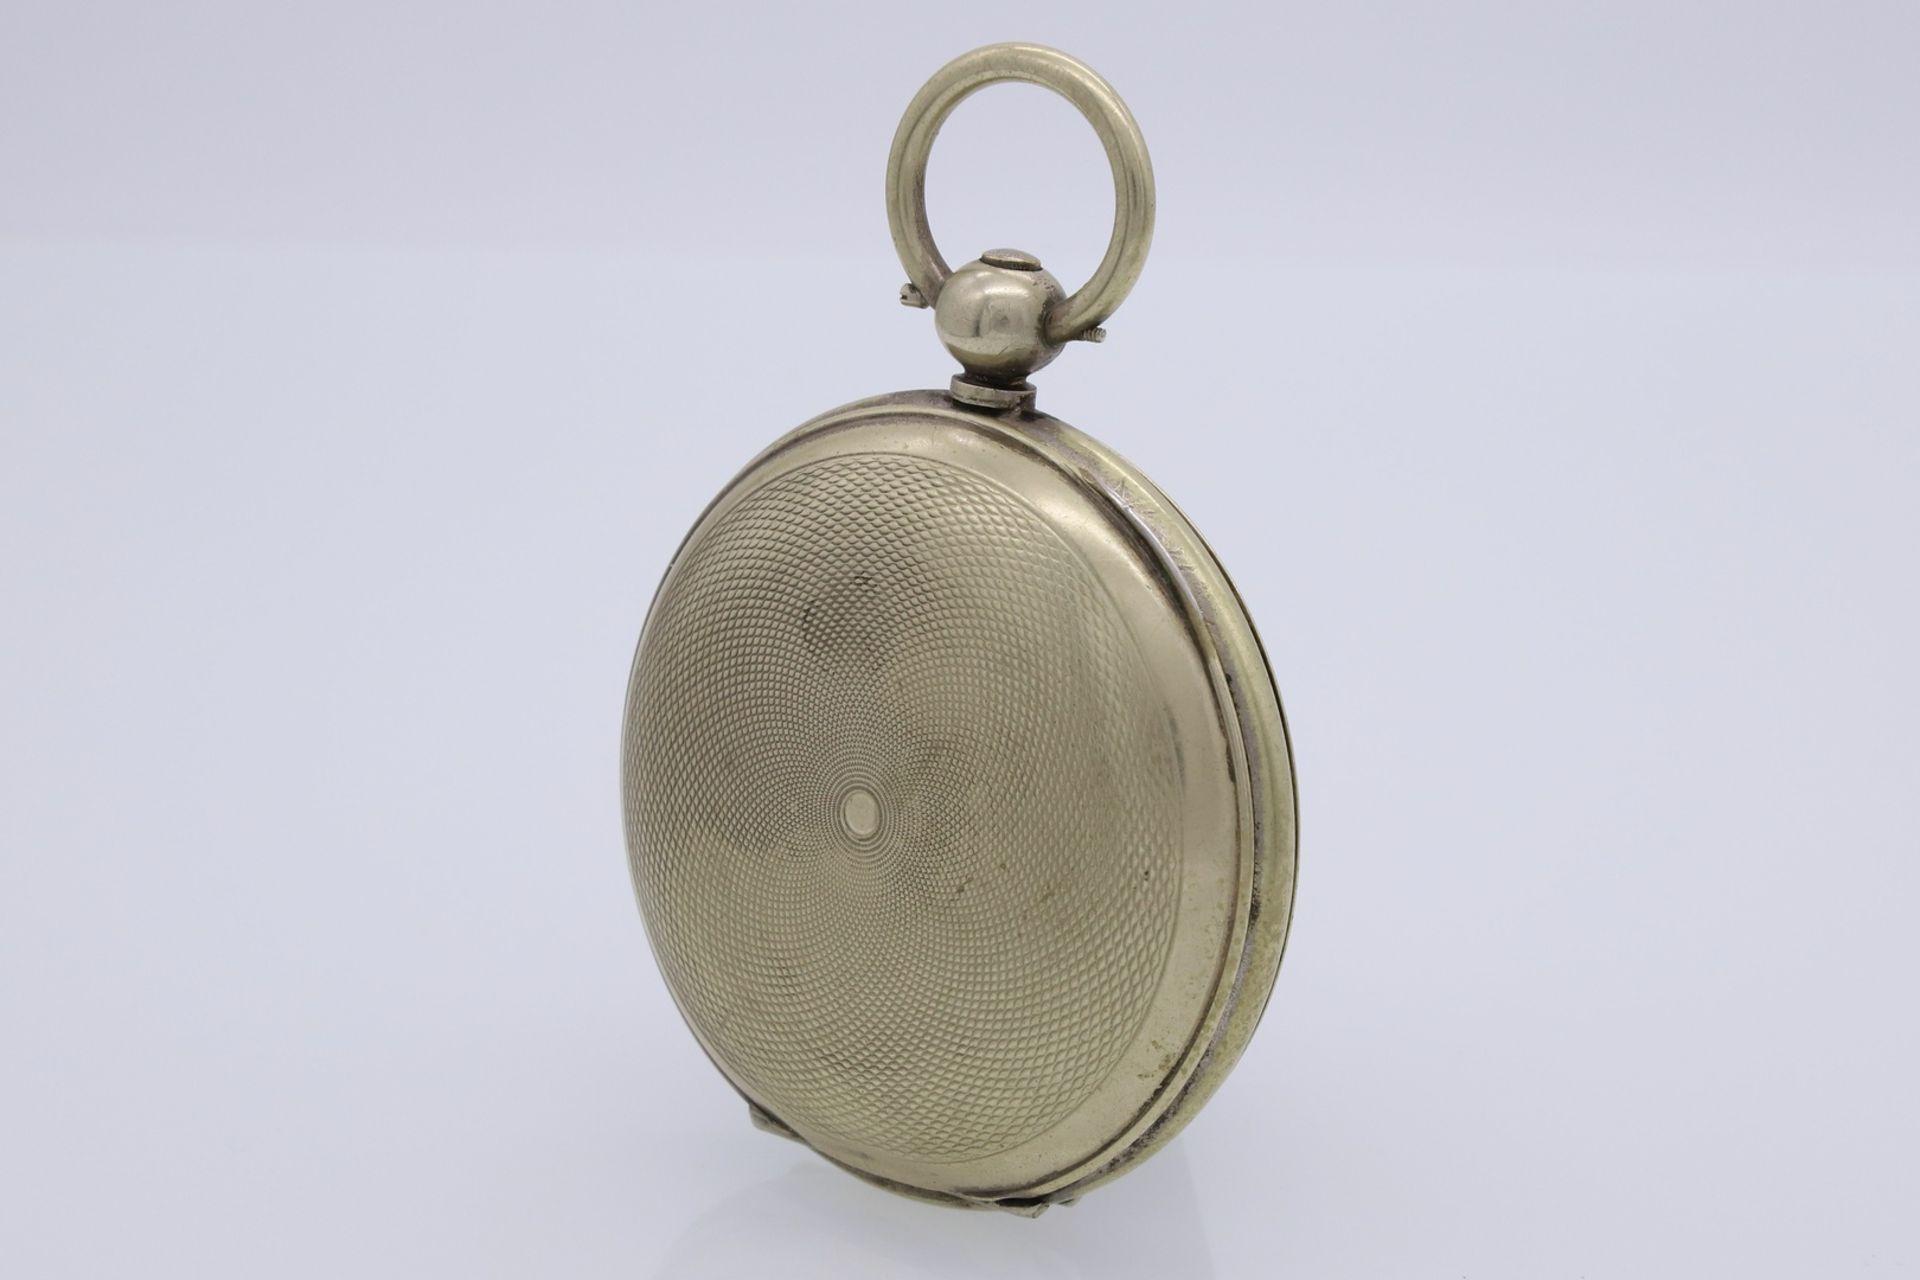 Osmanische Savonnette Taschenuhr, Ende 19. Jh. - Bild 4 aus 6